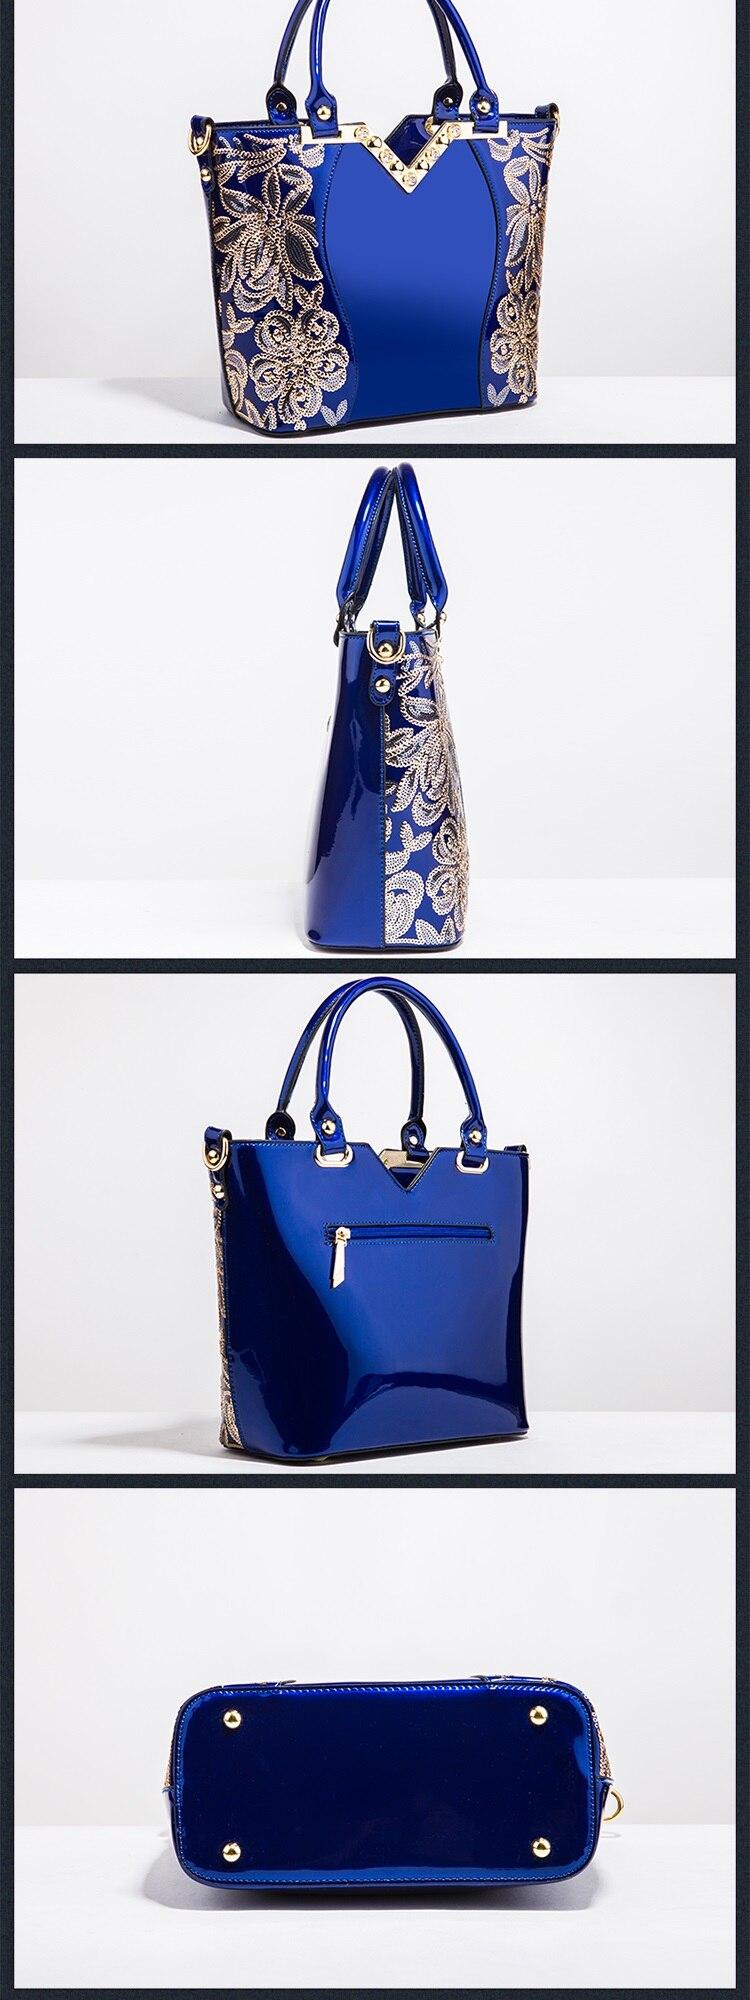 alta qualidade casual bolsas femininas de luxo